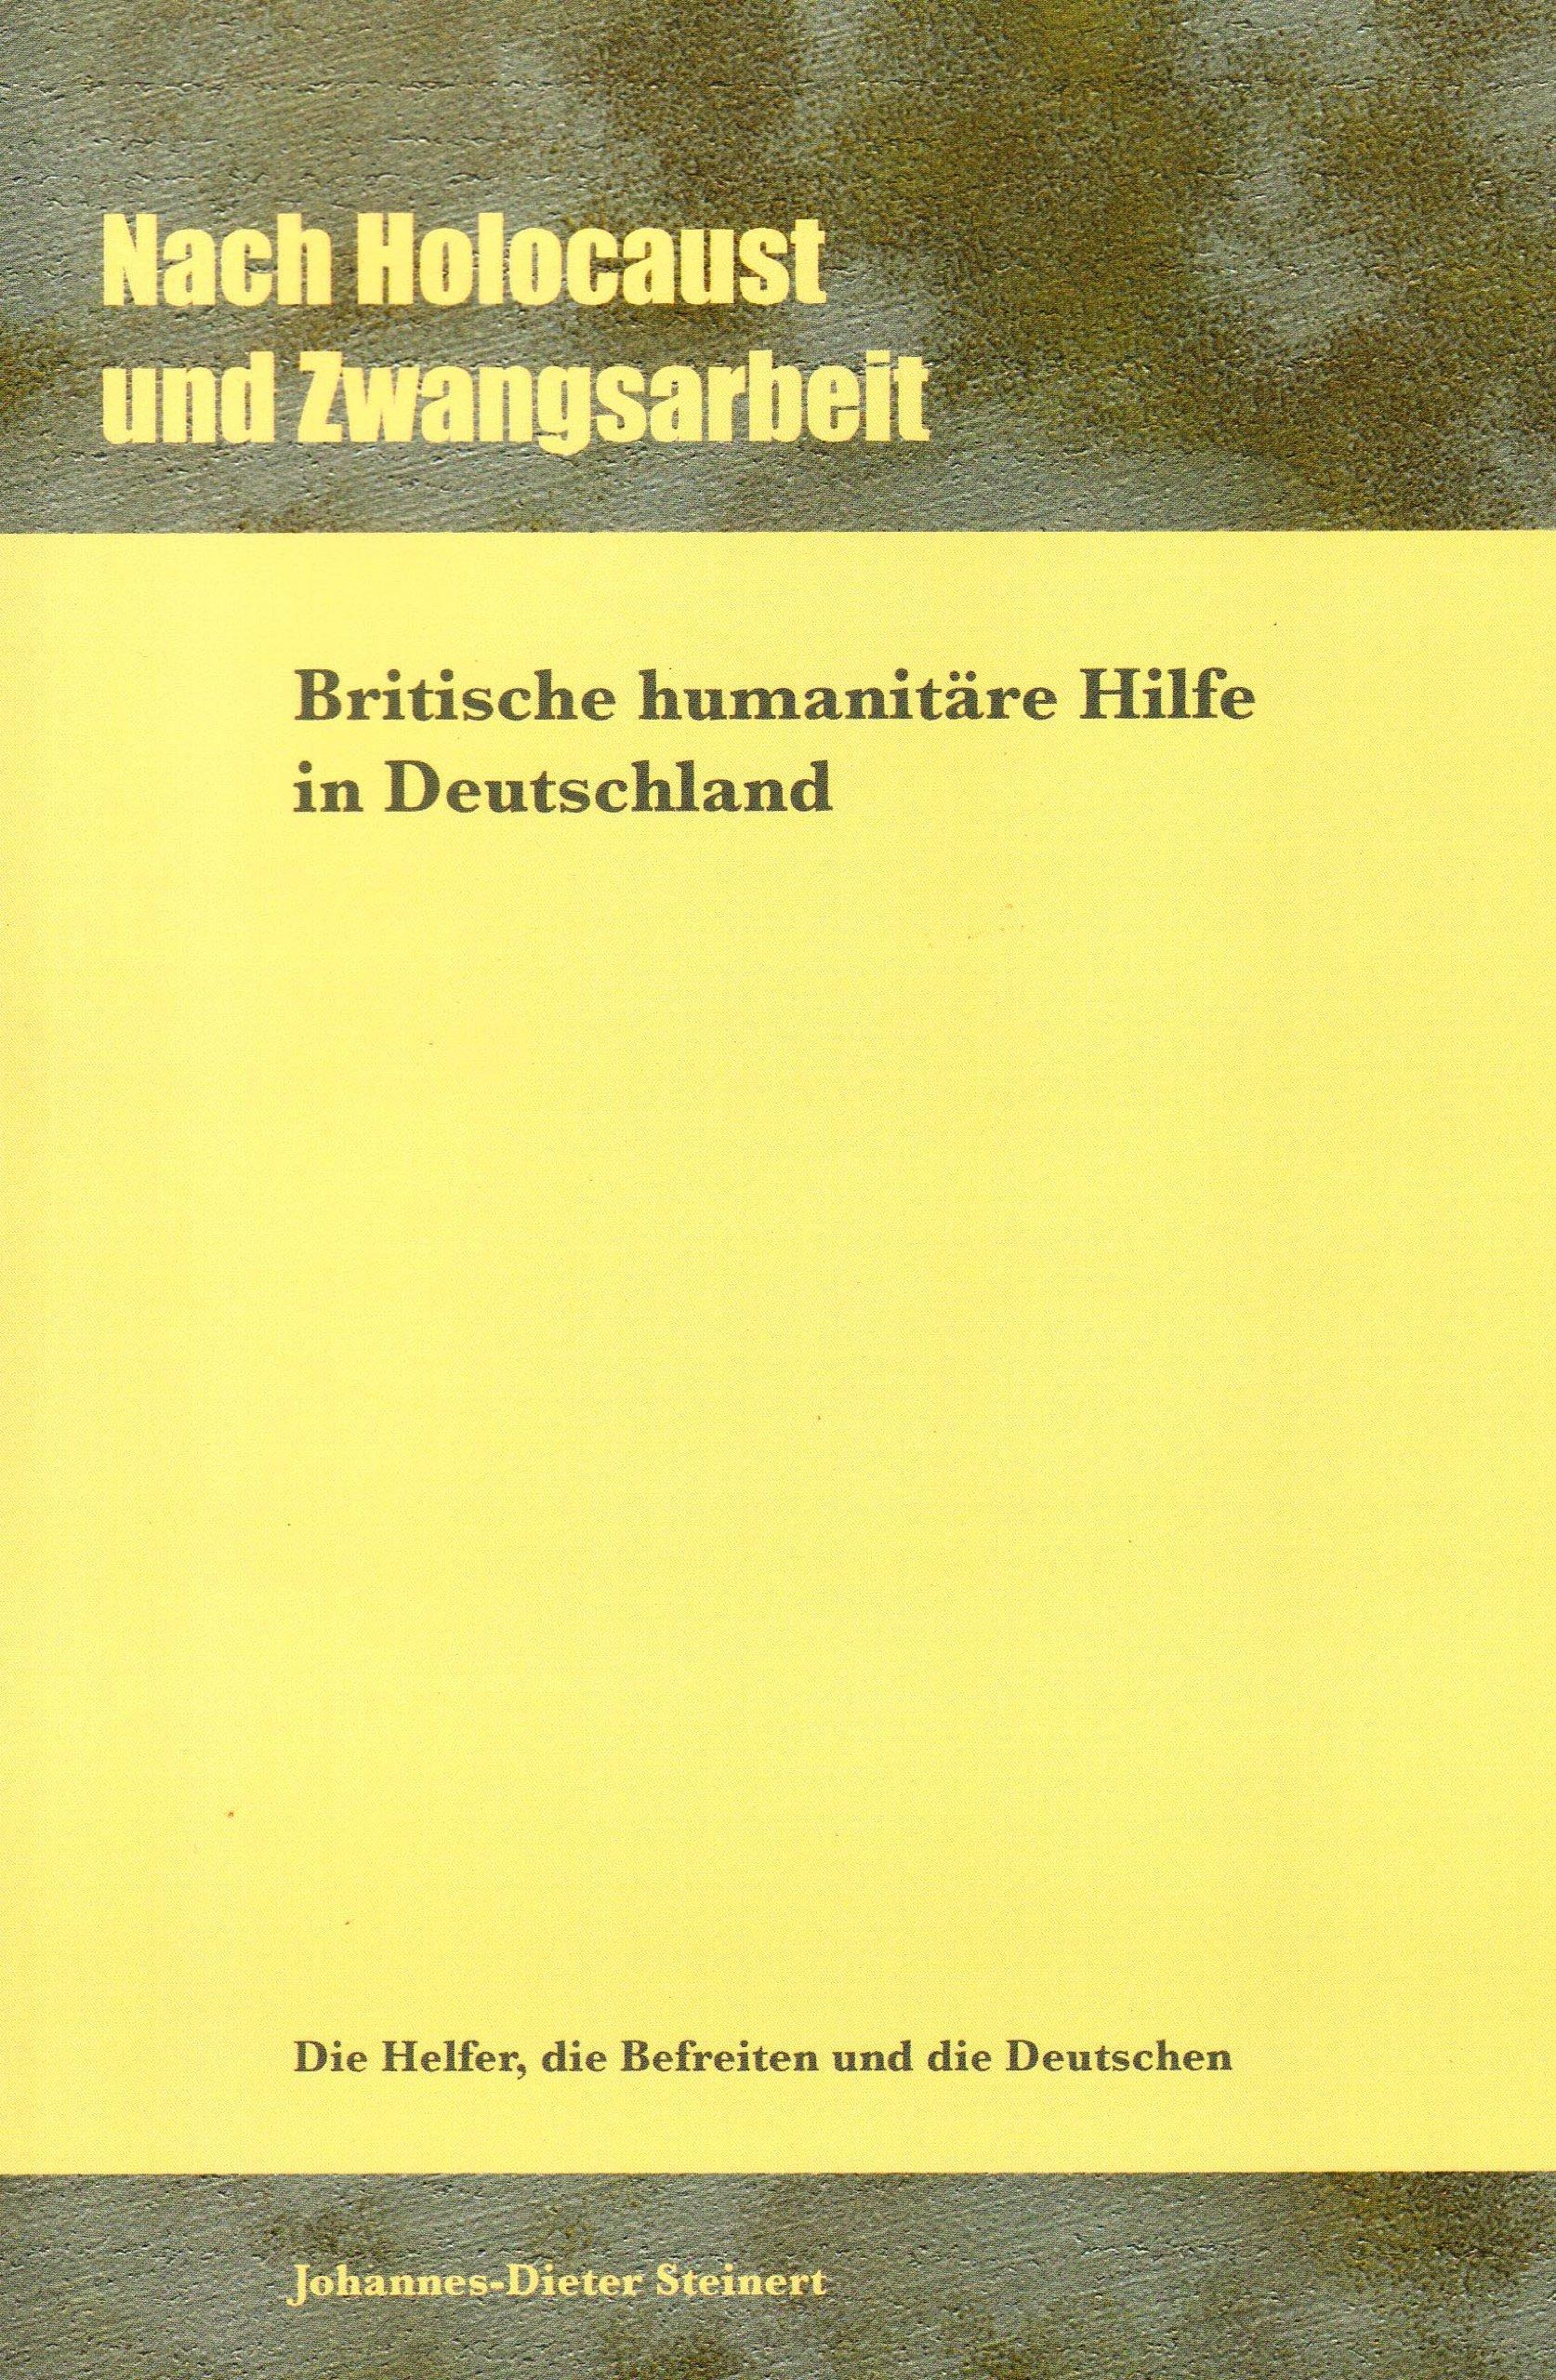 Nach Holocaust und Zwangsarbeit: Die Helfer, die Befreiten und die Deutschen